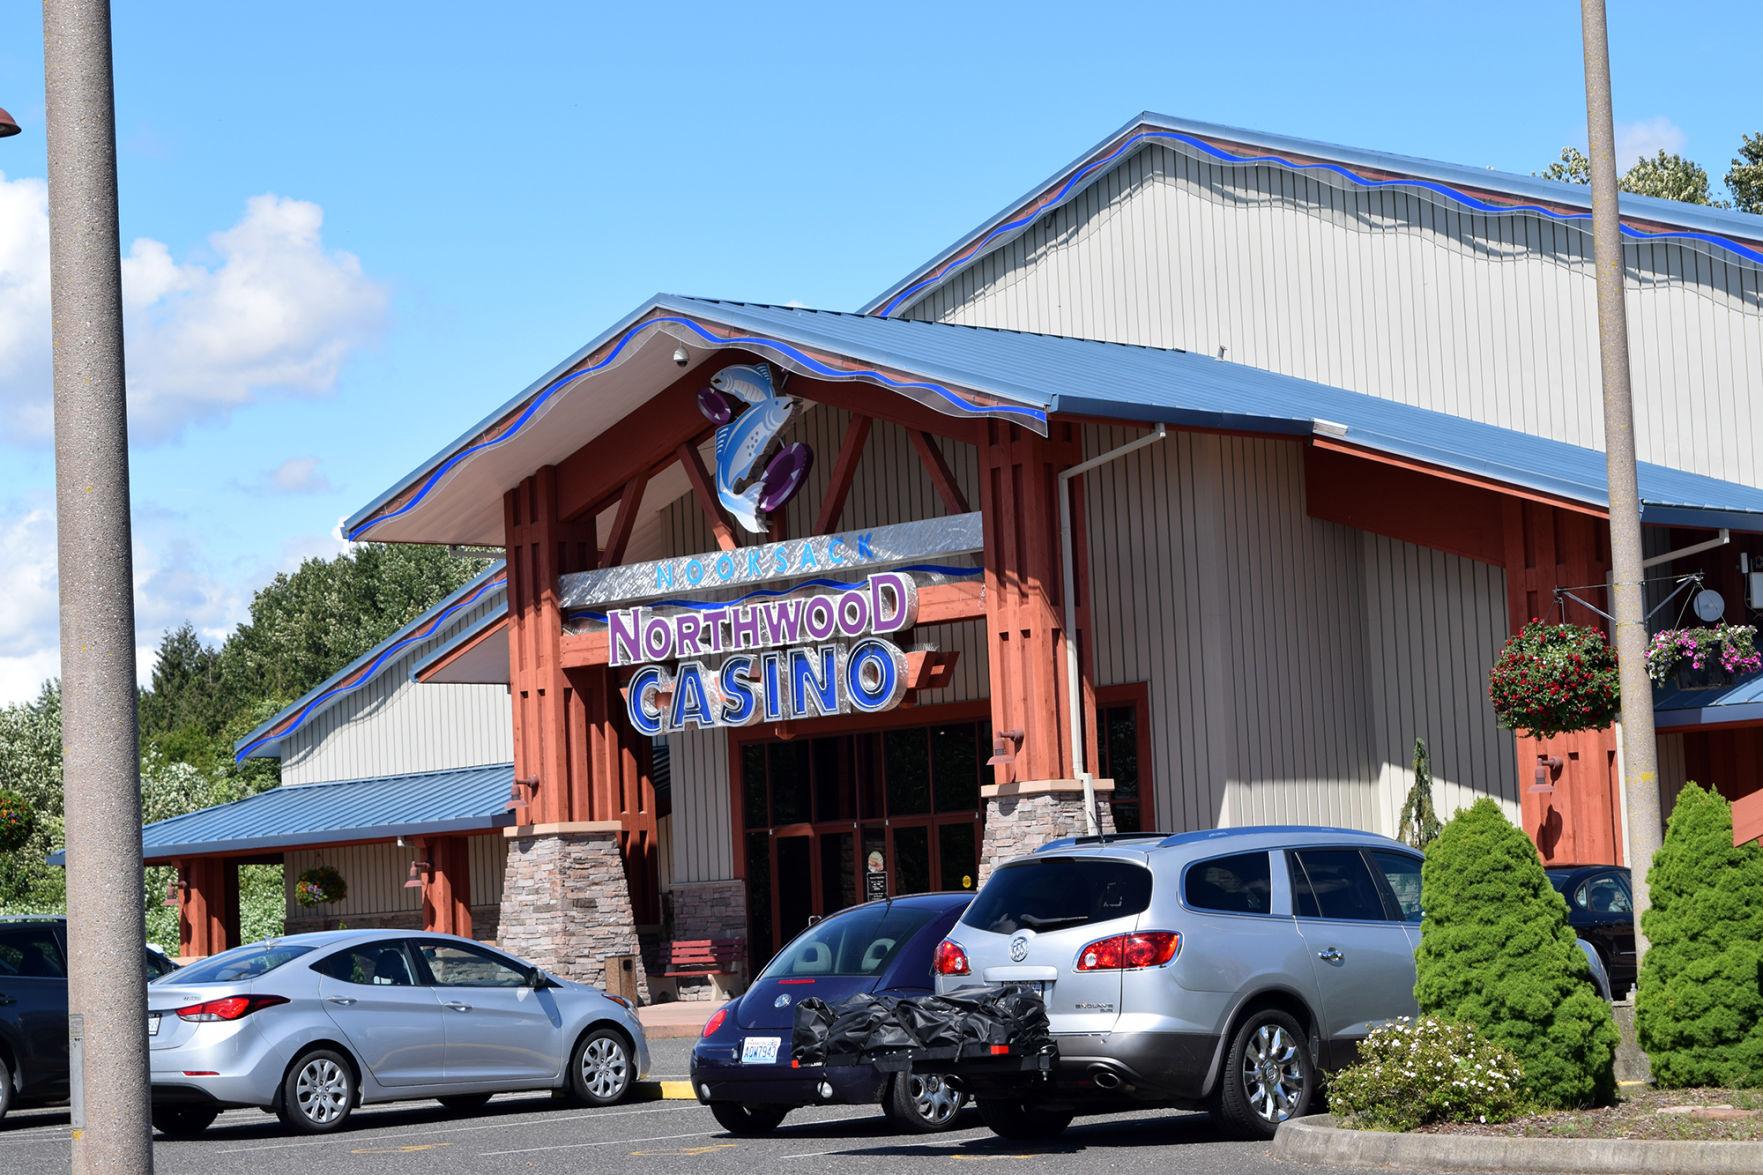 Nooksacknorthwoodcasino motels near casino in altoona iowa